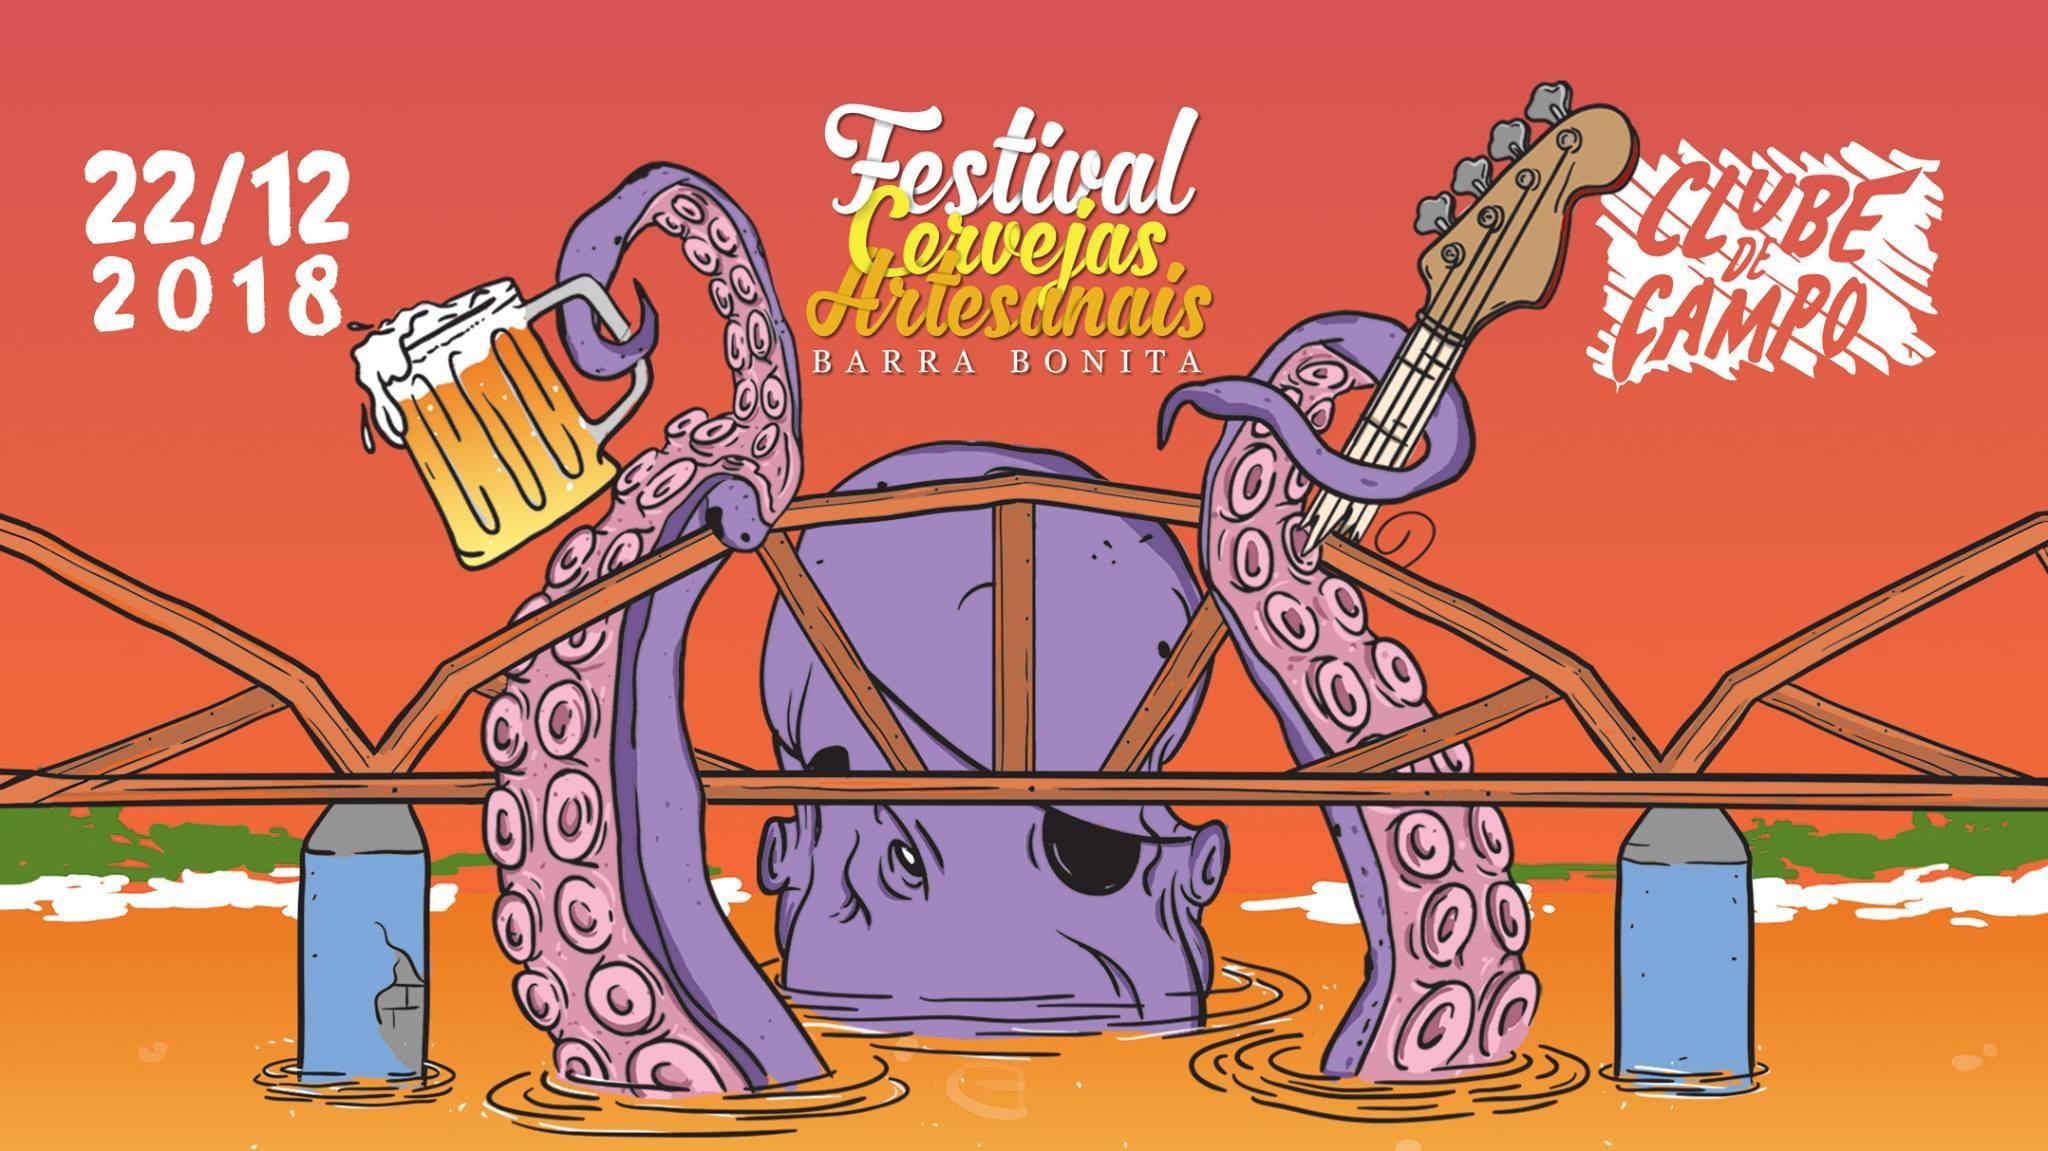 Festival Cervejas Artesanais